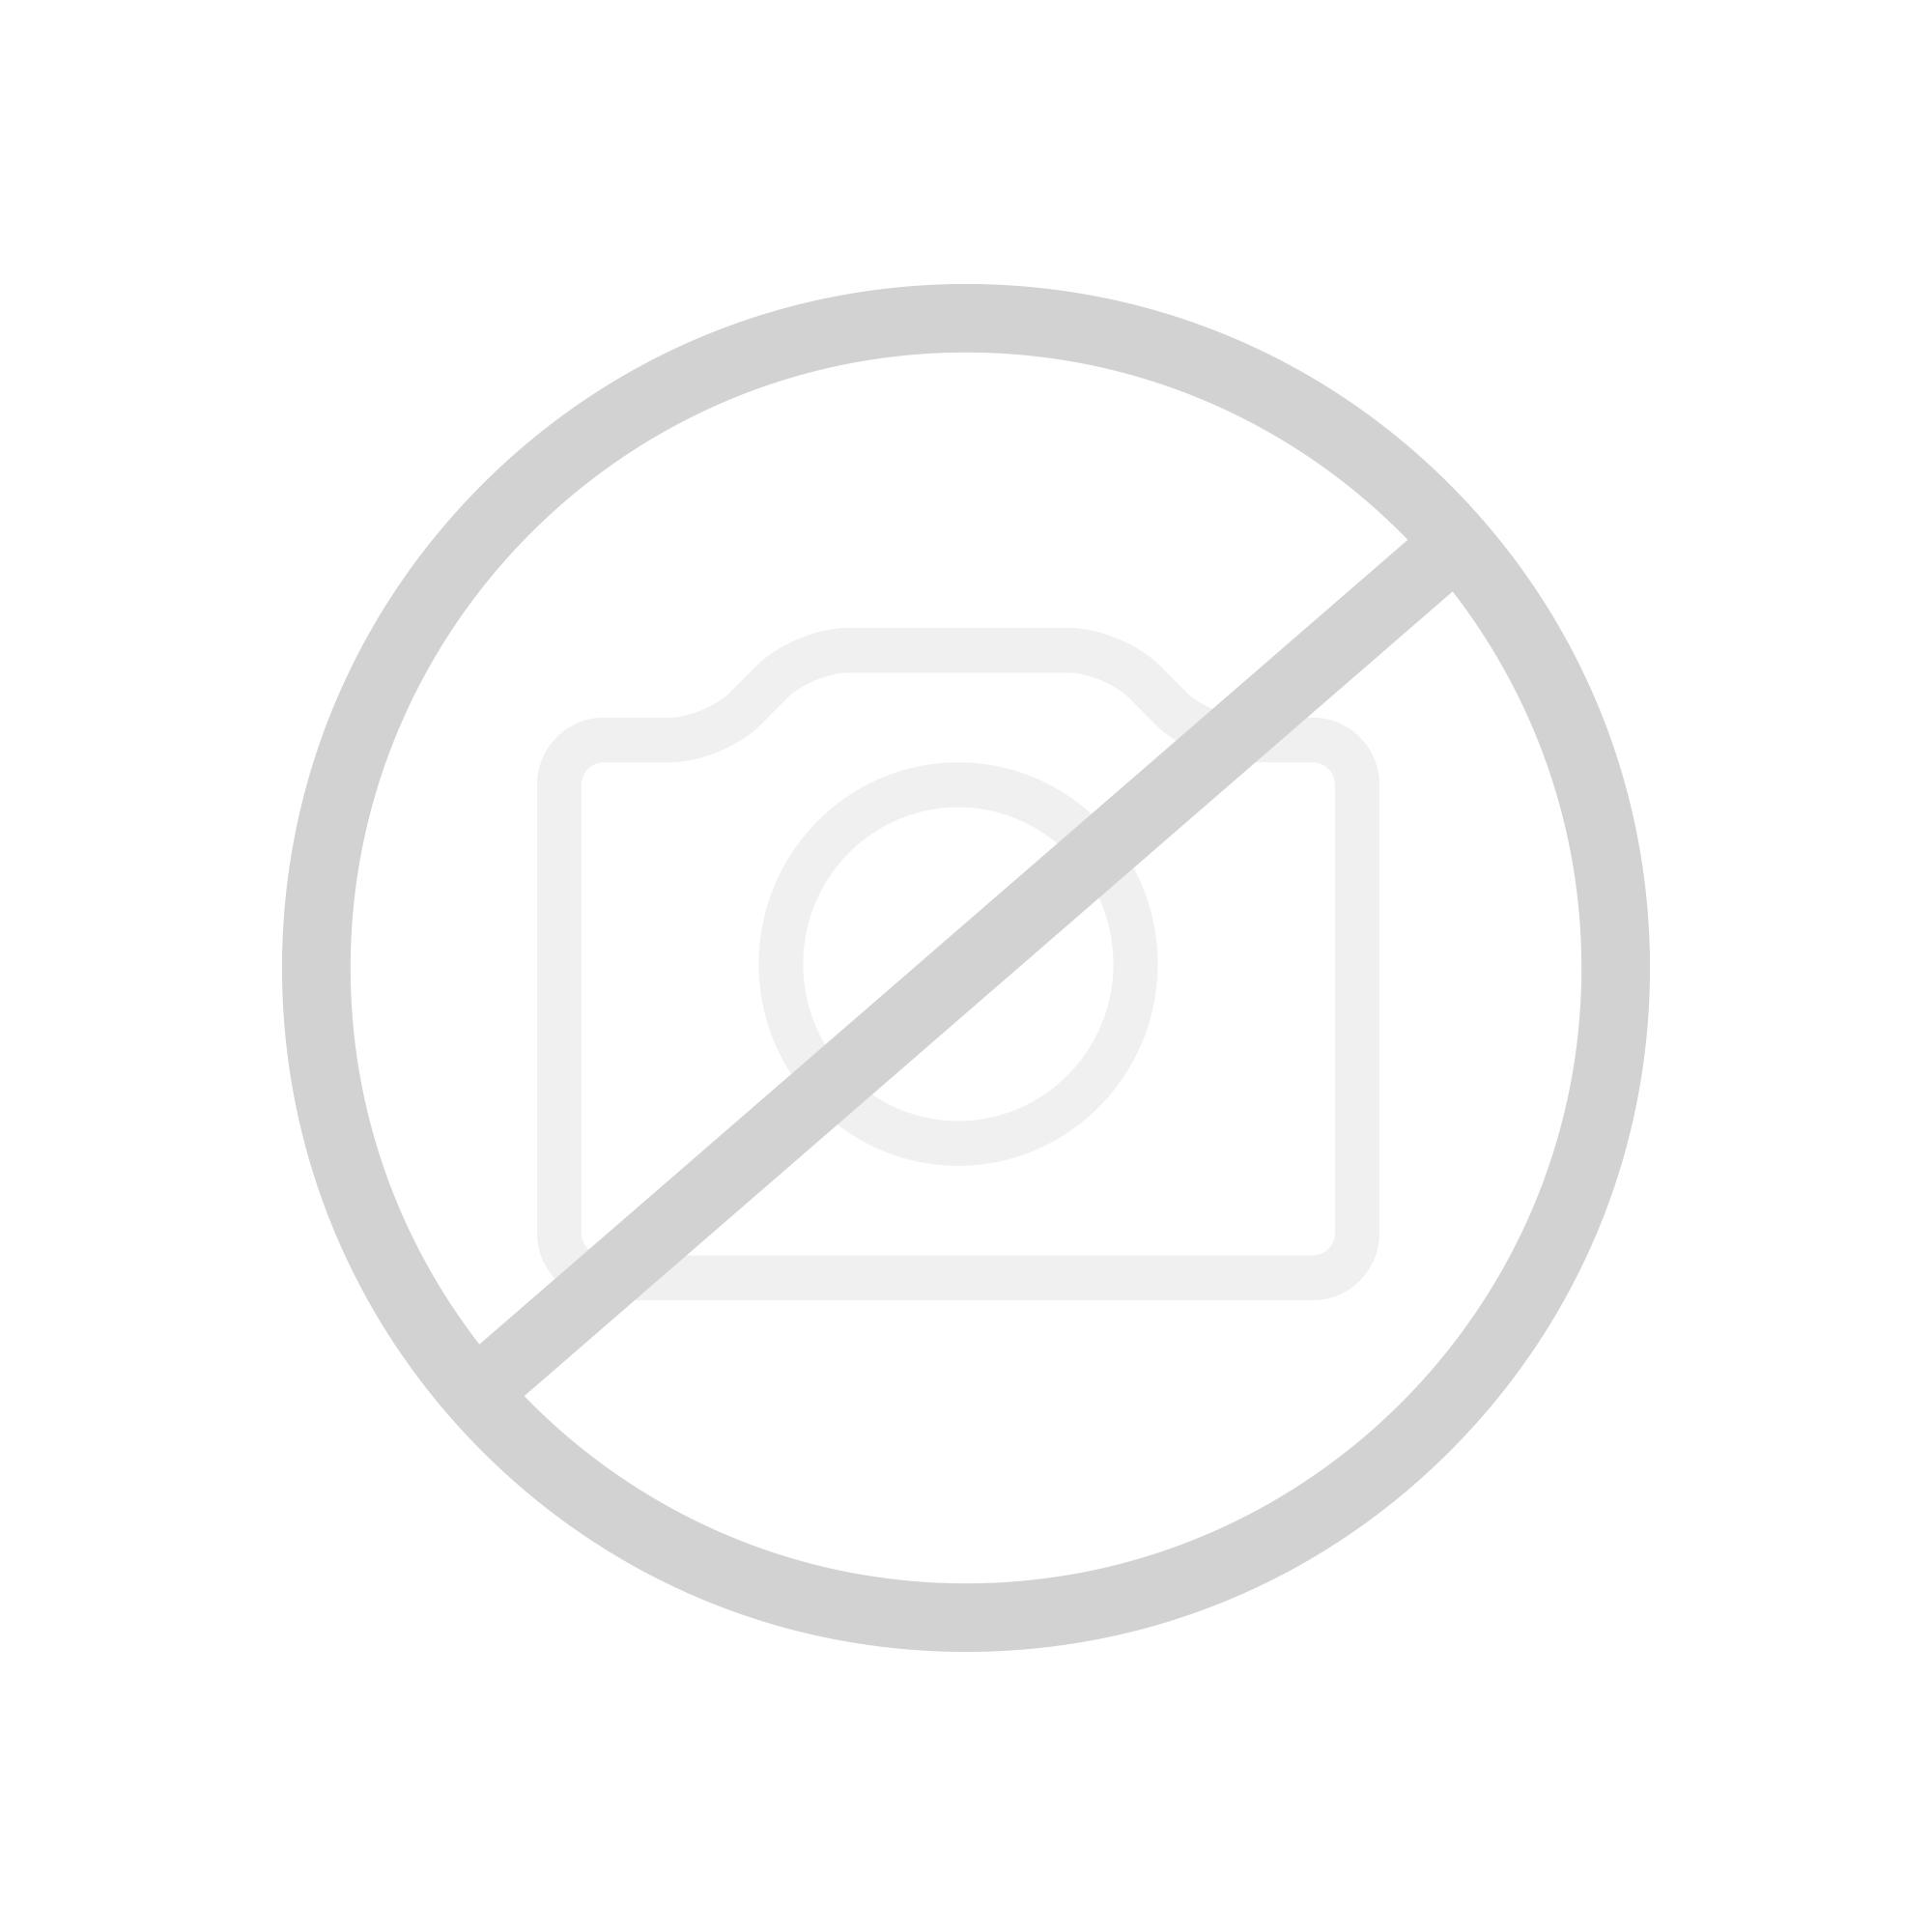 Geberit Sigma20 Betätigungsplatte für 2-Mengen-Spülung weiß/chrom hochglanz/weiß